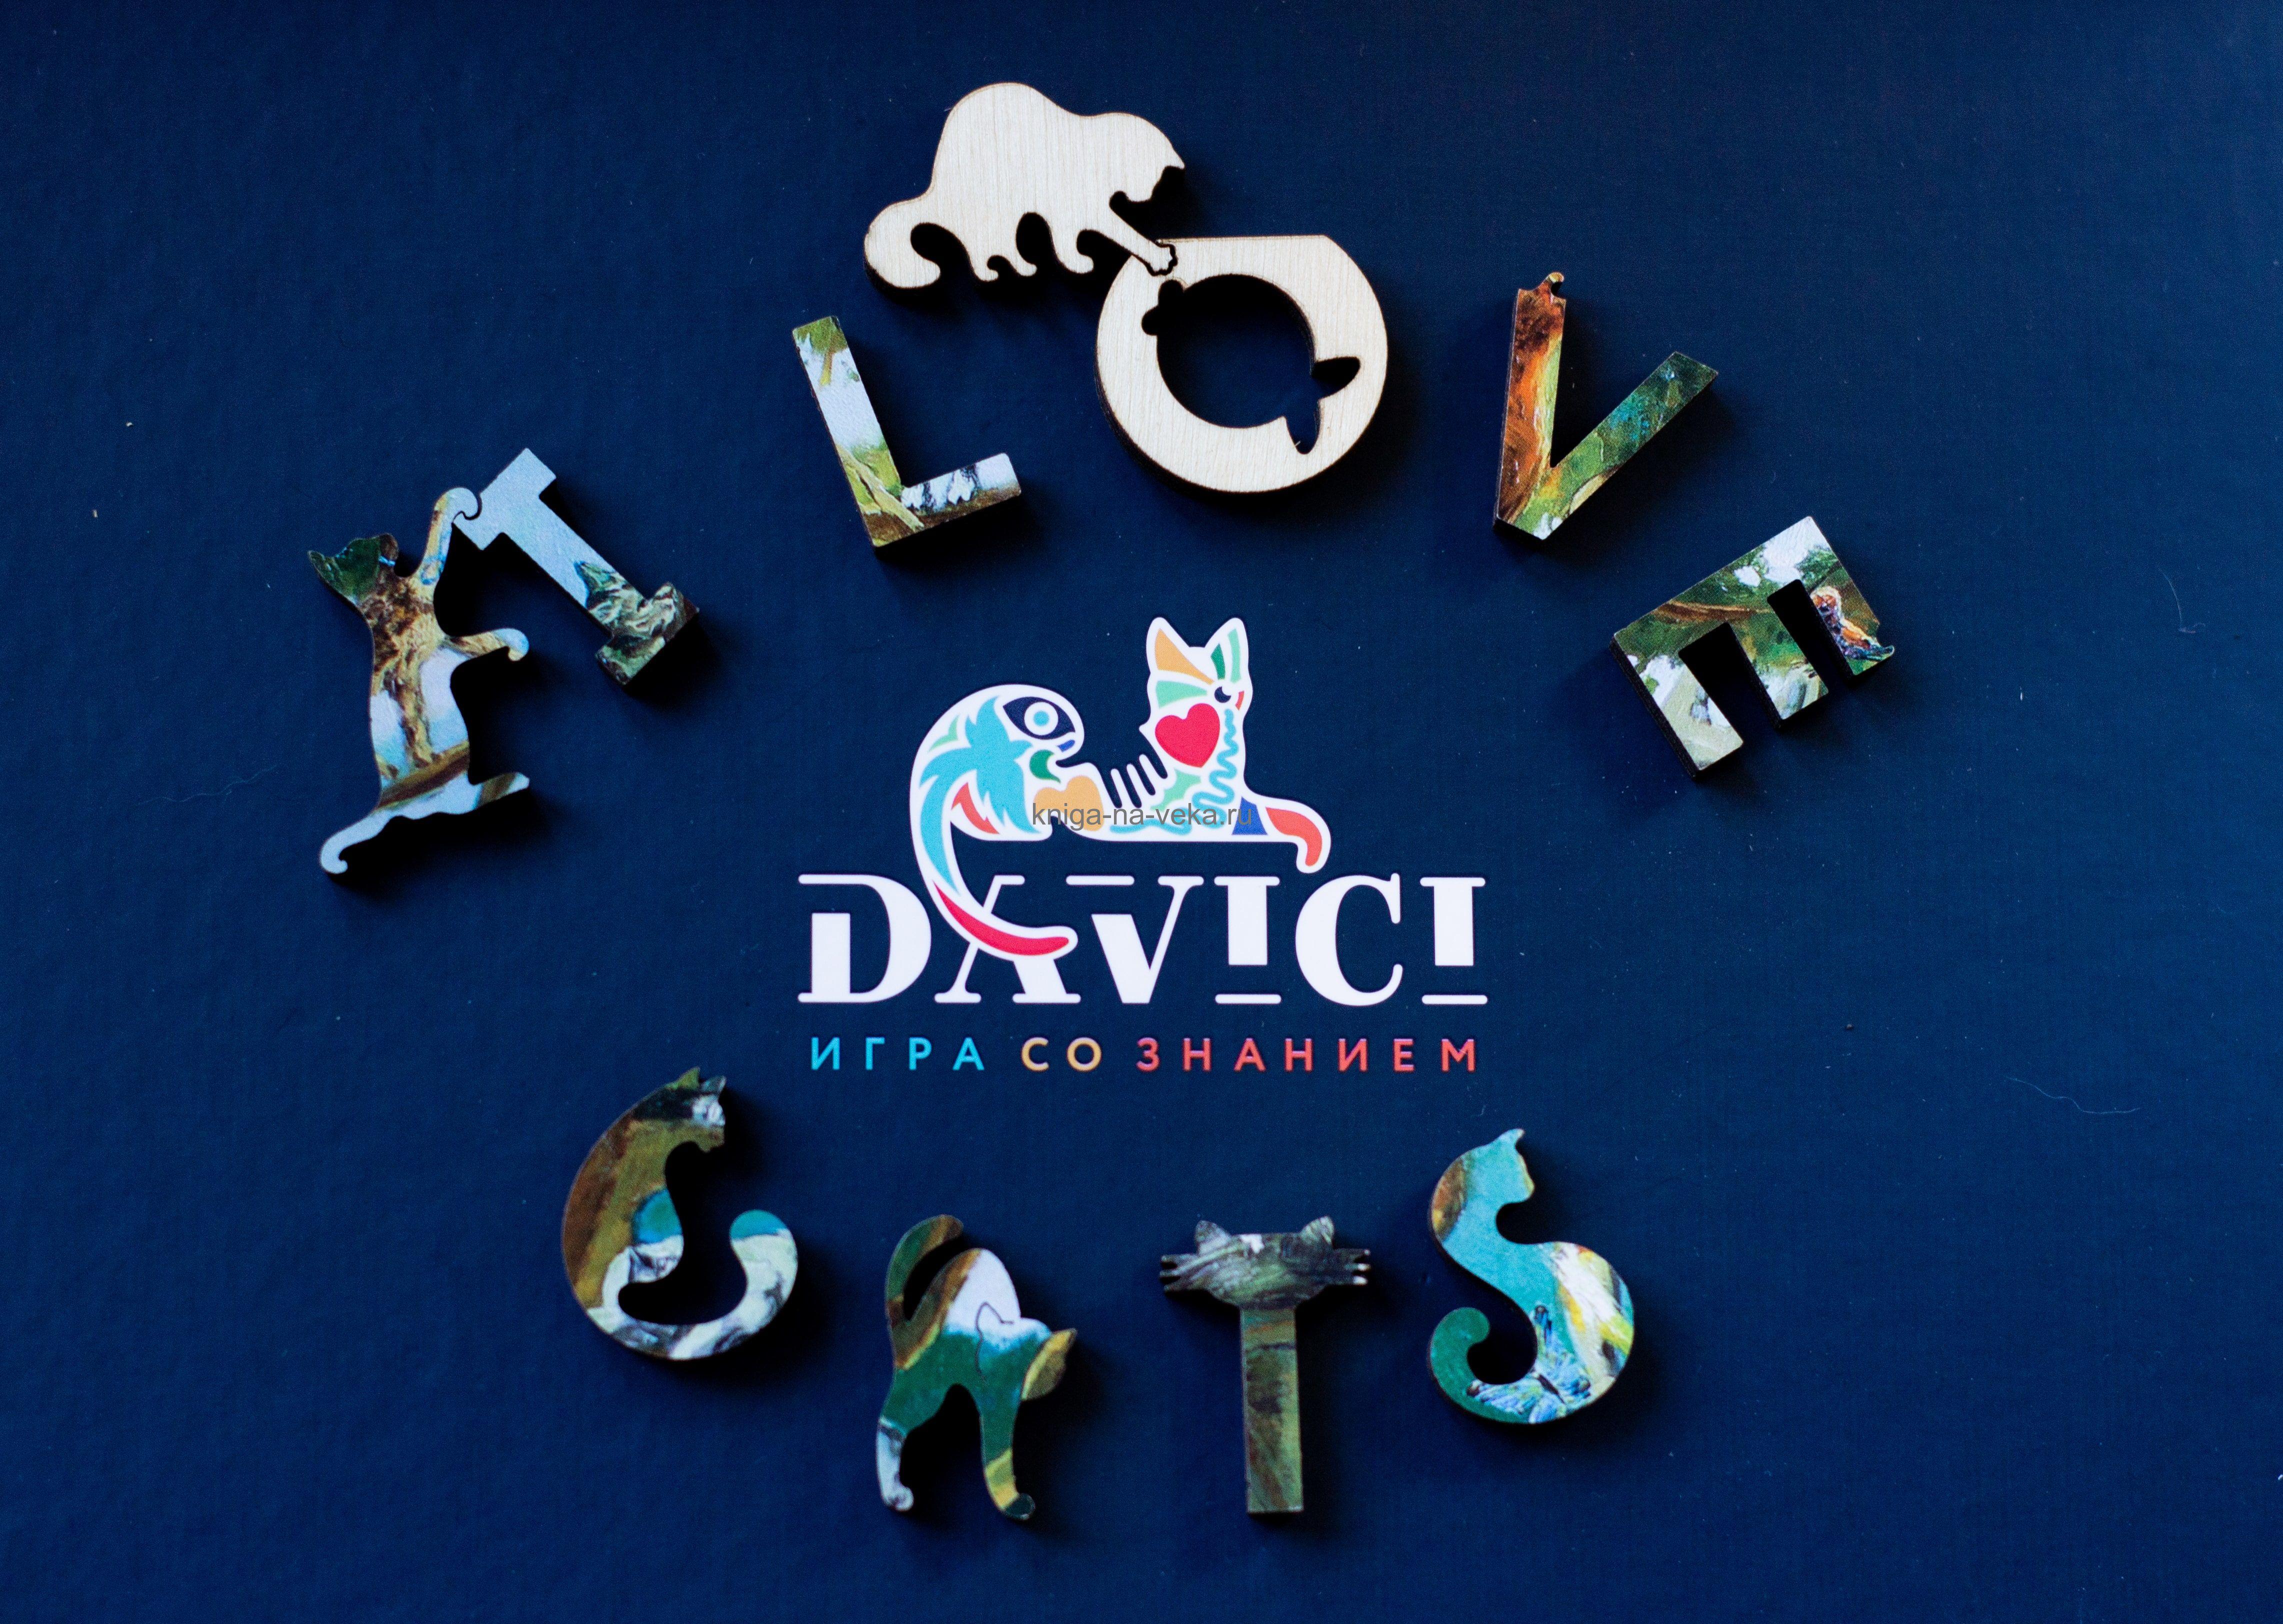 Пазл DaVici - А котам всё масленица (250 деталей)